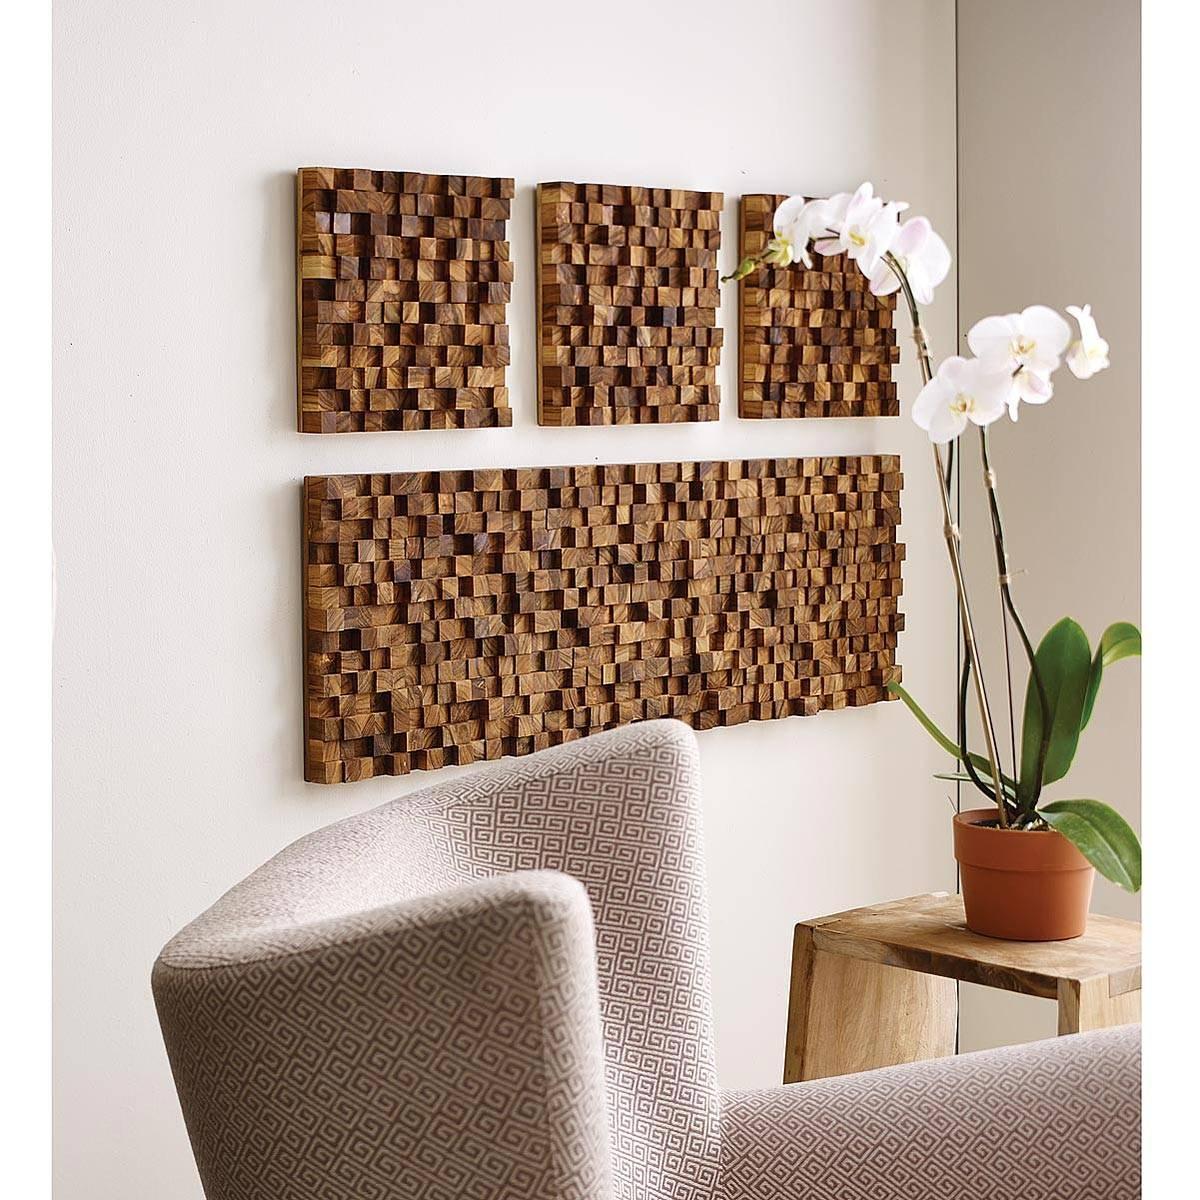 Rectangle Takara Wall Art | Teak Wood, 3D Art | Uncommongoods Inside Most Popular Wood 3D Wall Art (View 7 of 20)